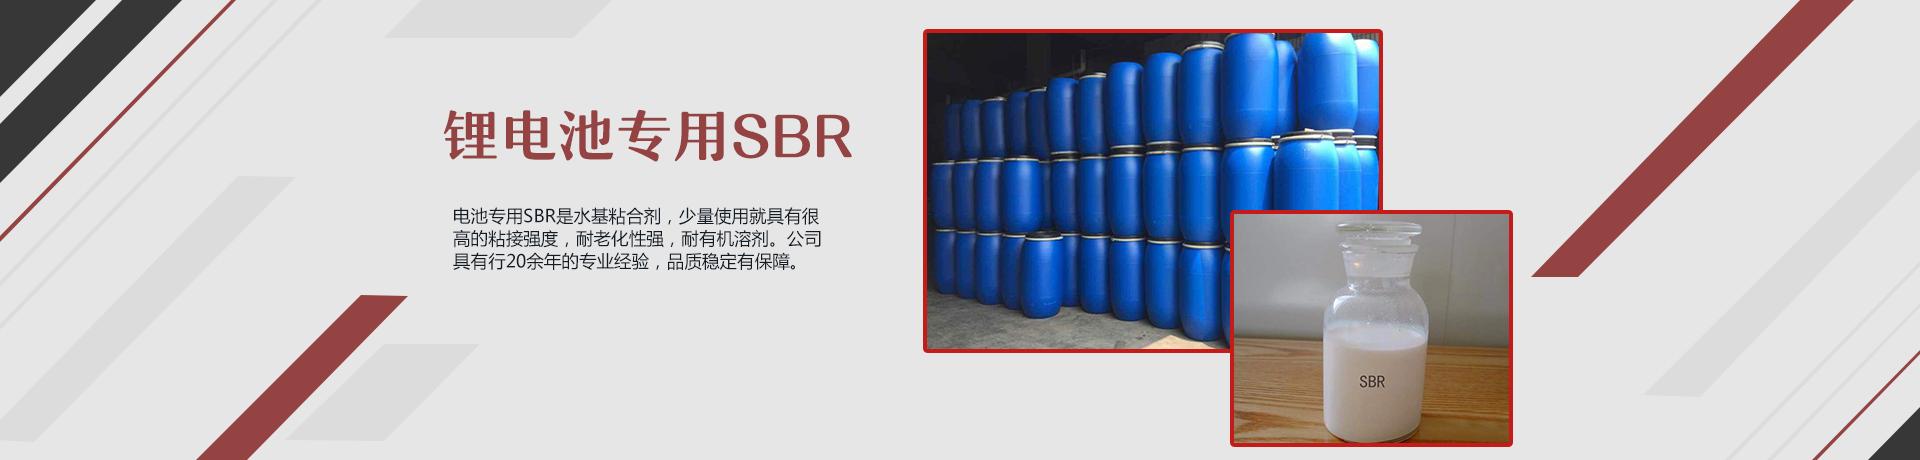 锂电池专用SBR